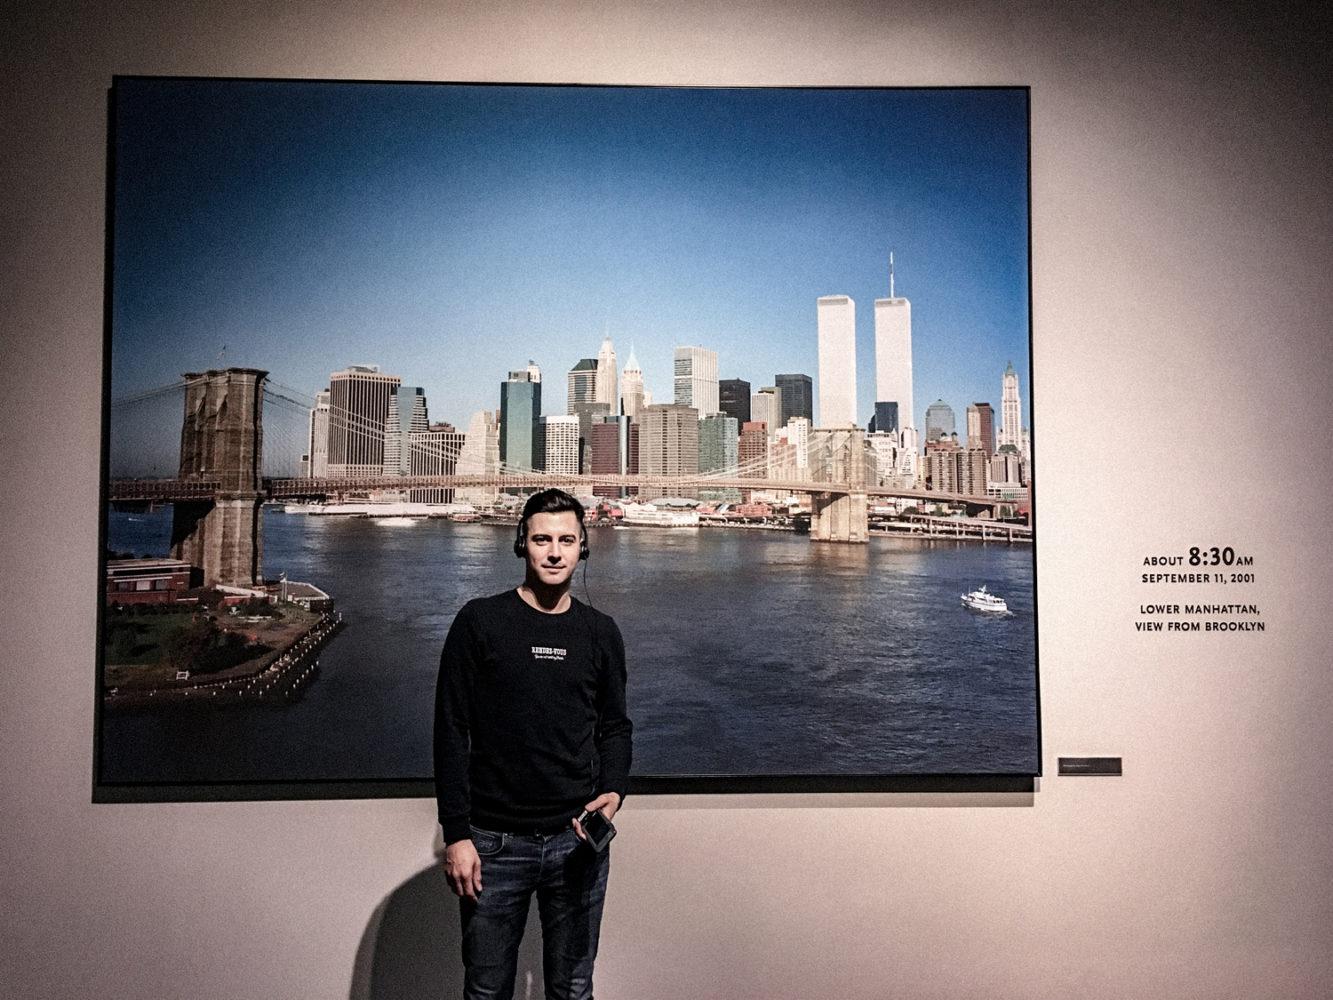 Début de la visite du 9/11 Memorial Museum